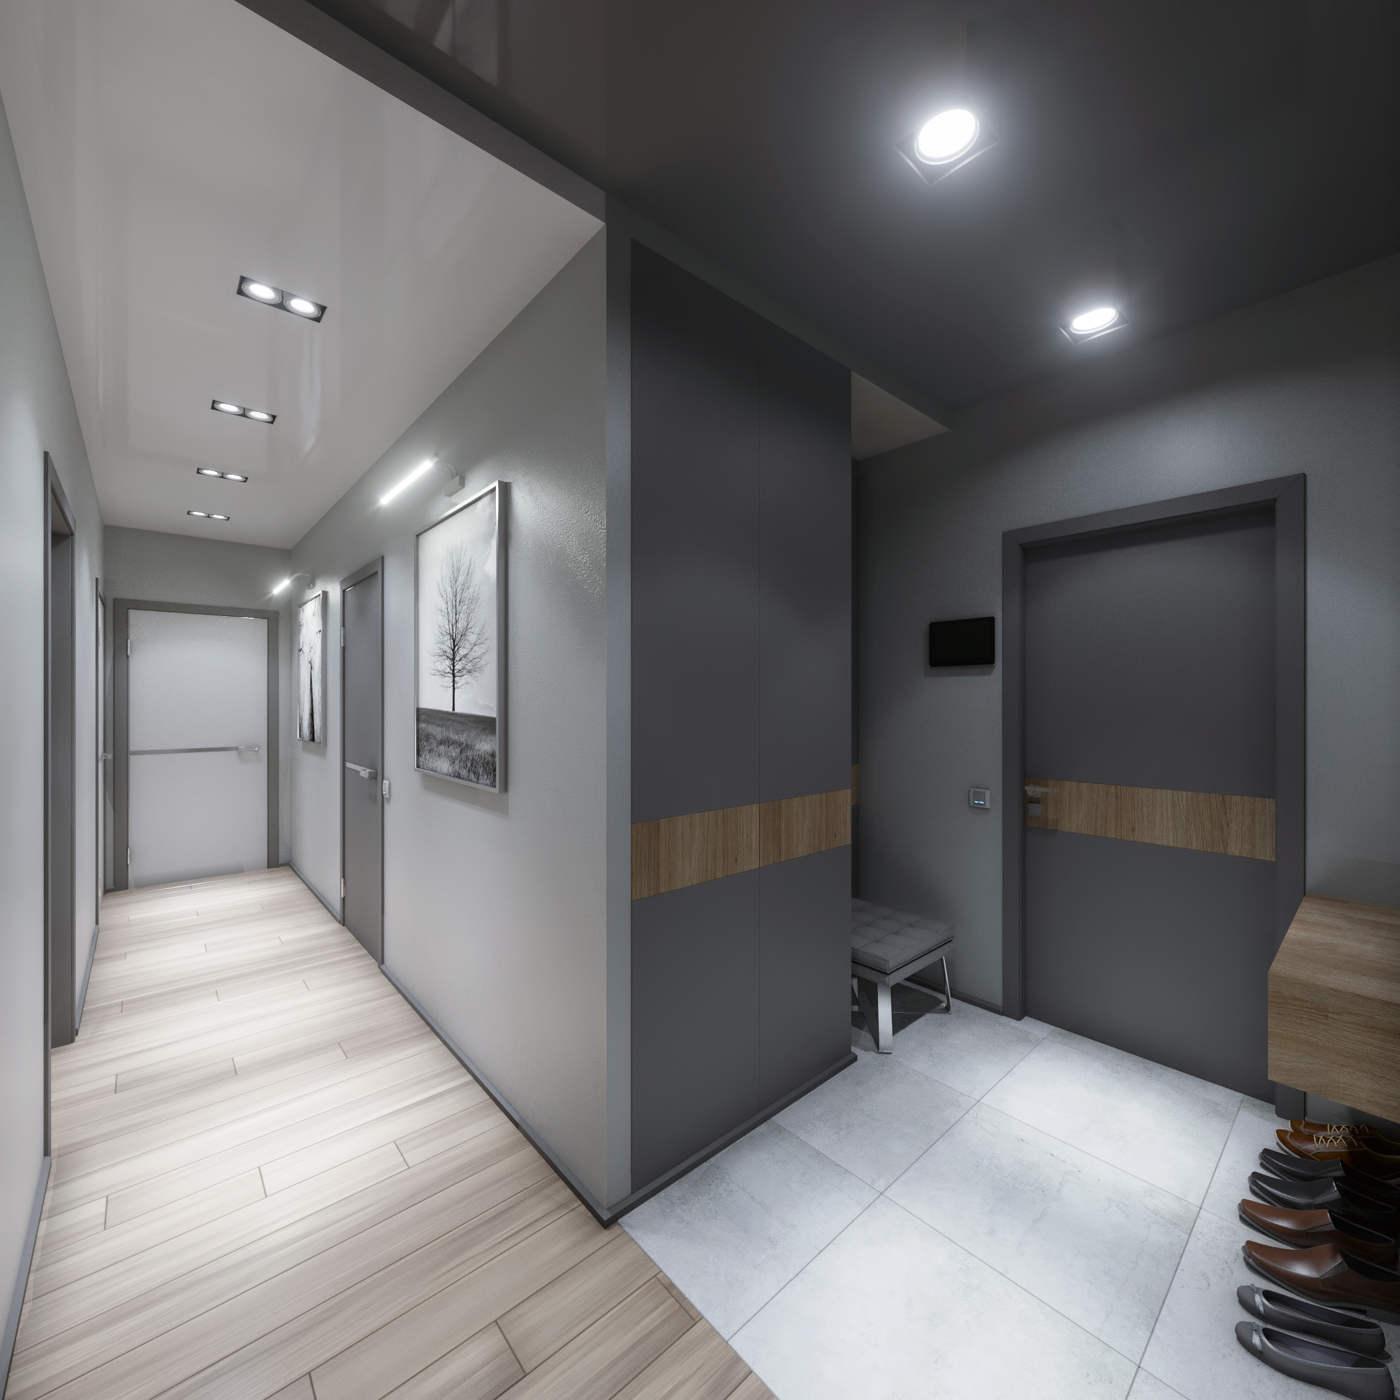 дизайн коридора с декоративным покрытием стен в ЖК Малахит